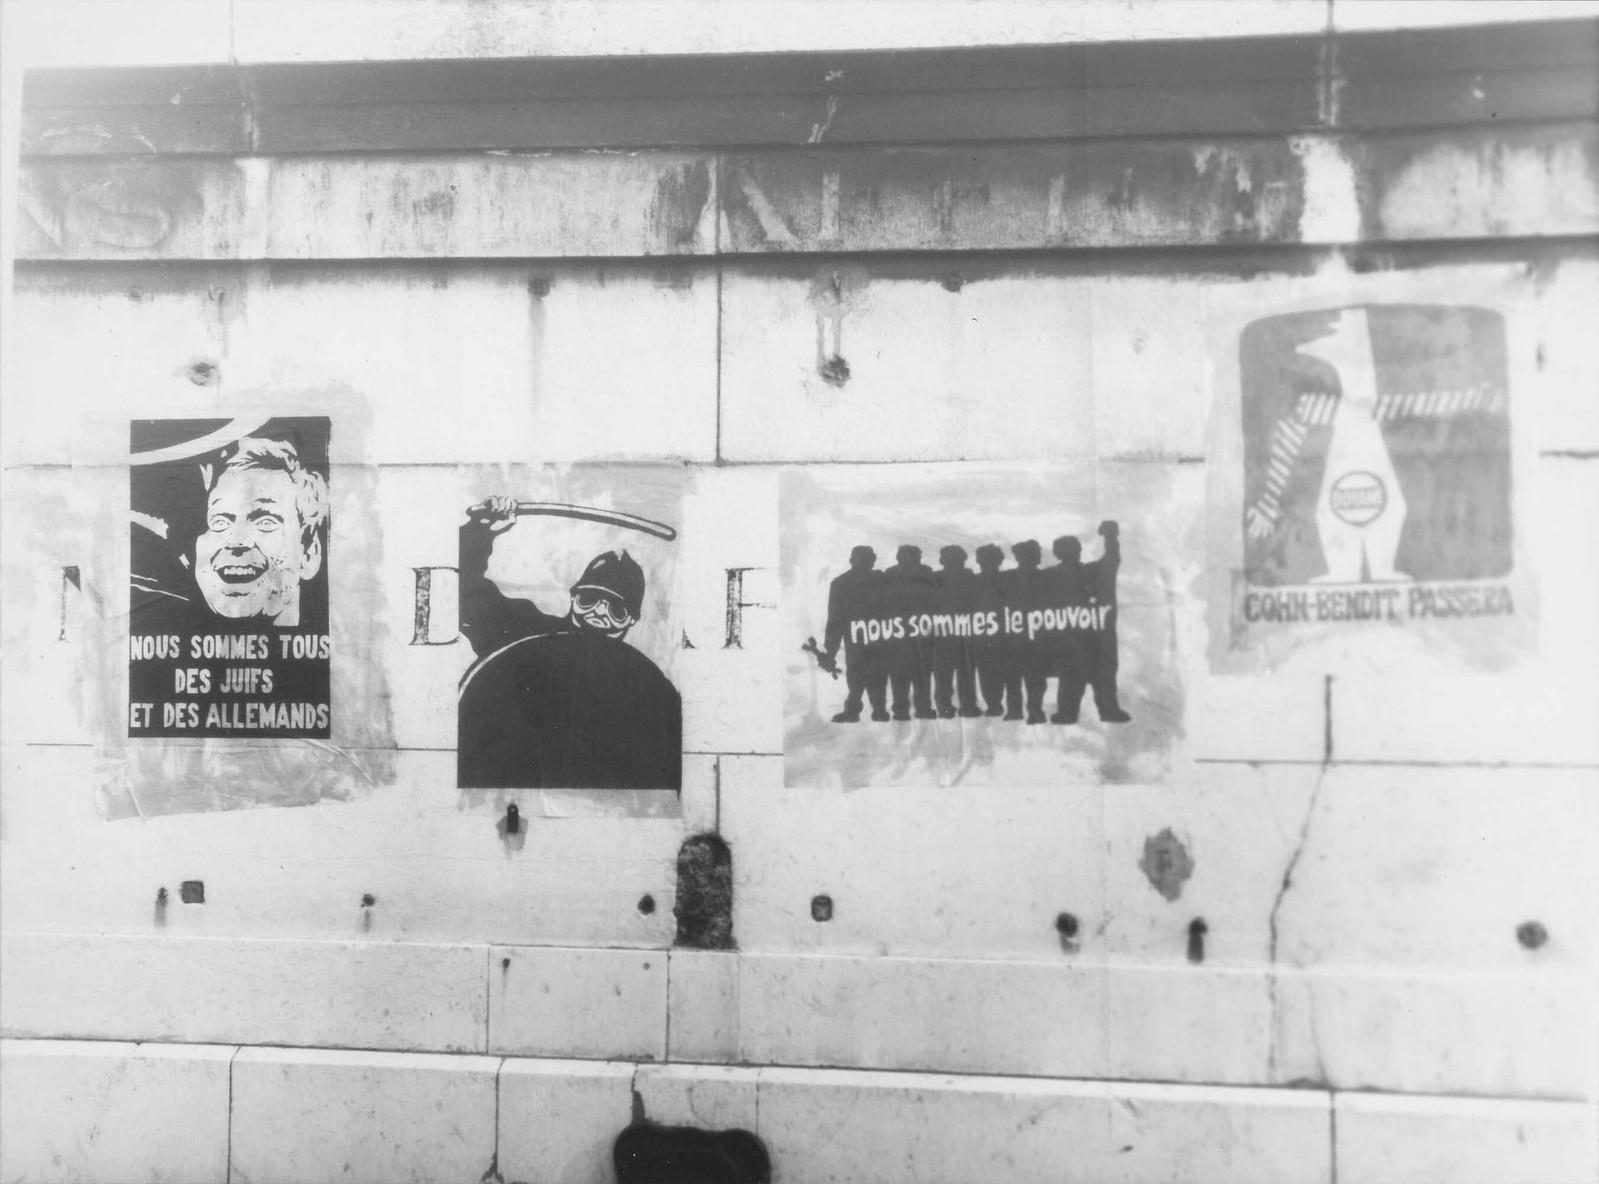 Плакаты «Мы все евреи и немцы», «Мы сила», «Кон-Бендит пройдет»